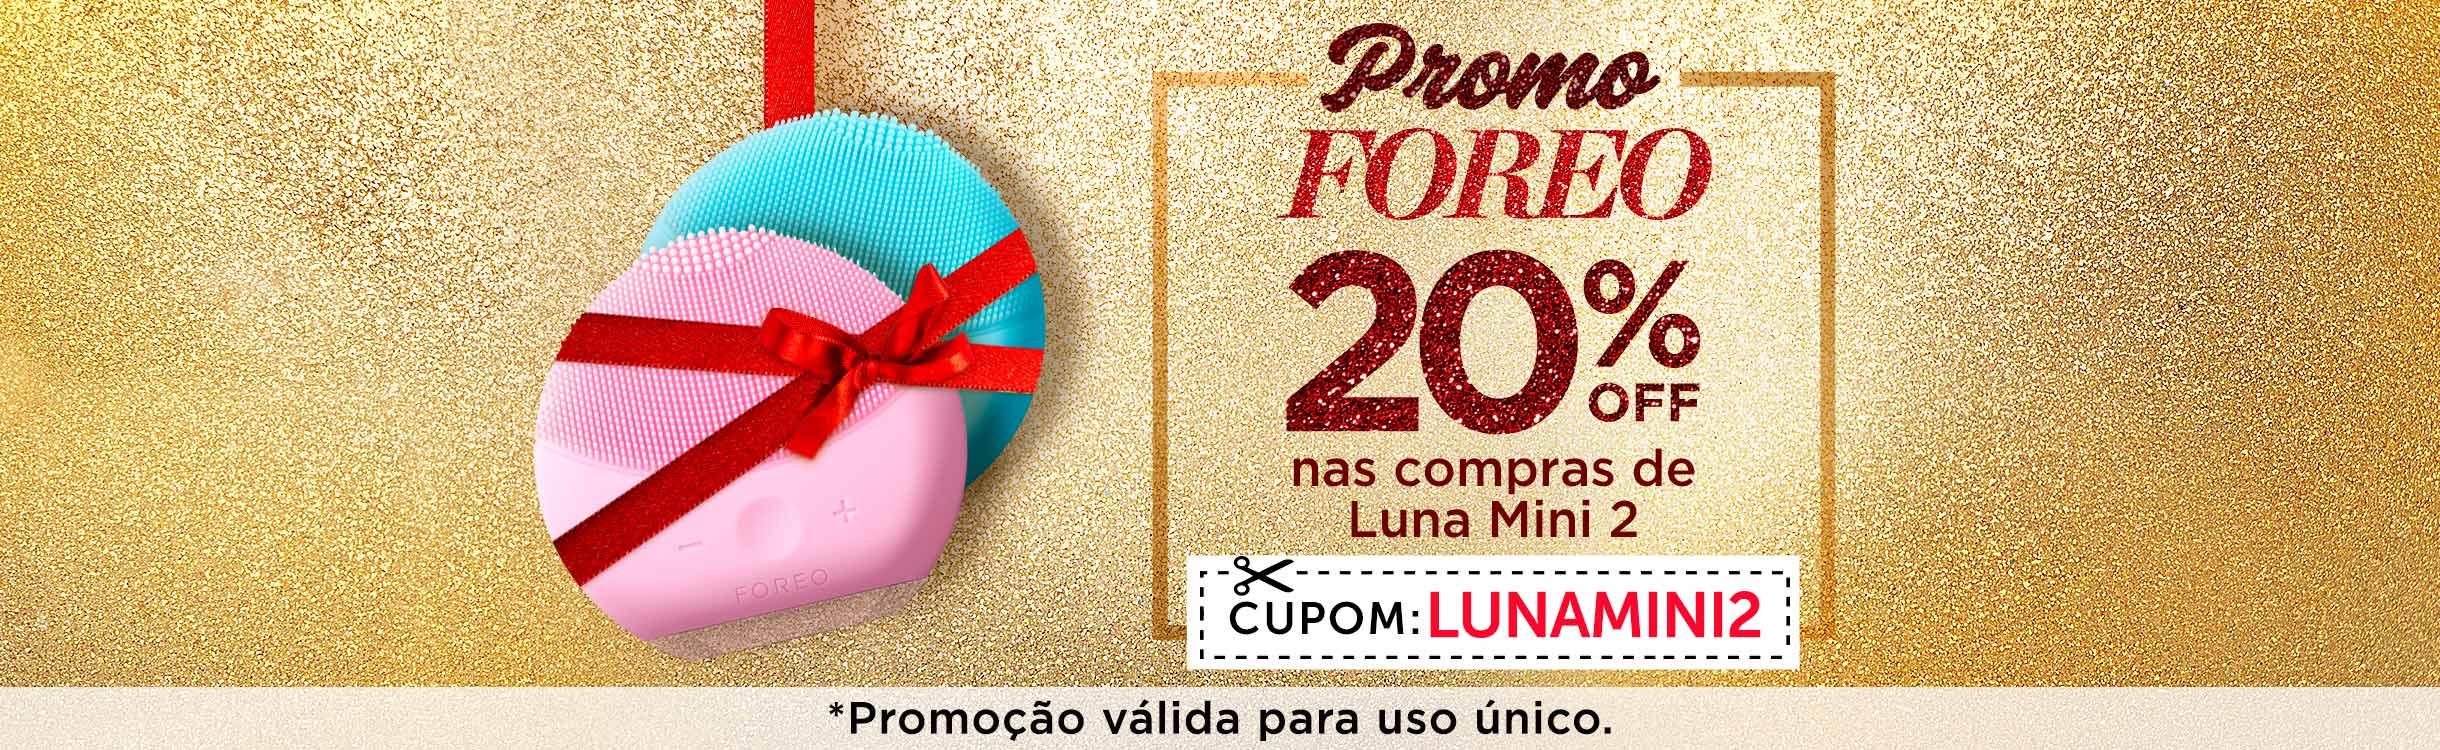 Promo Foreo